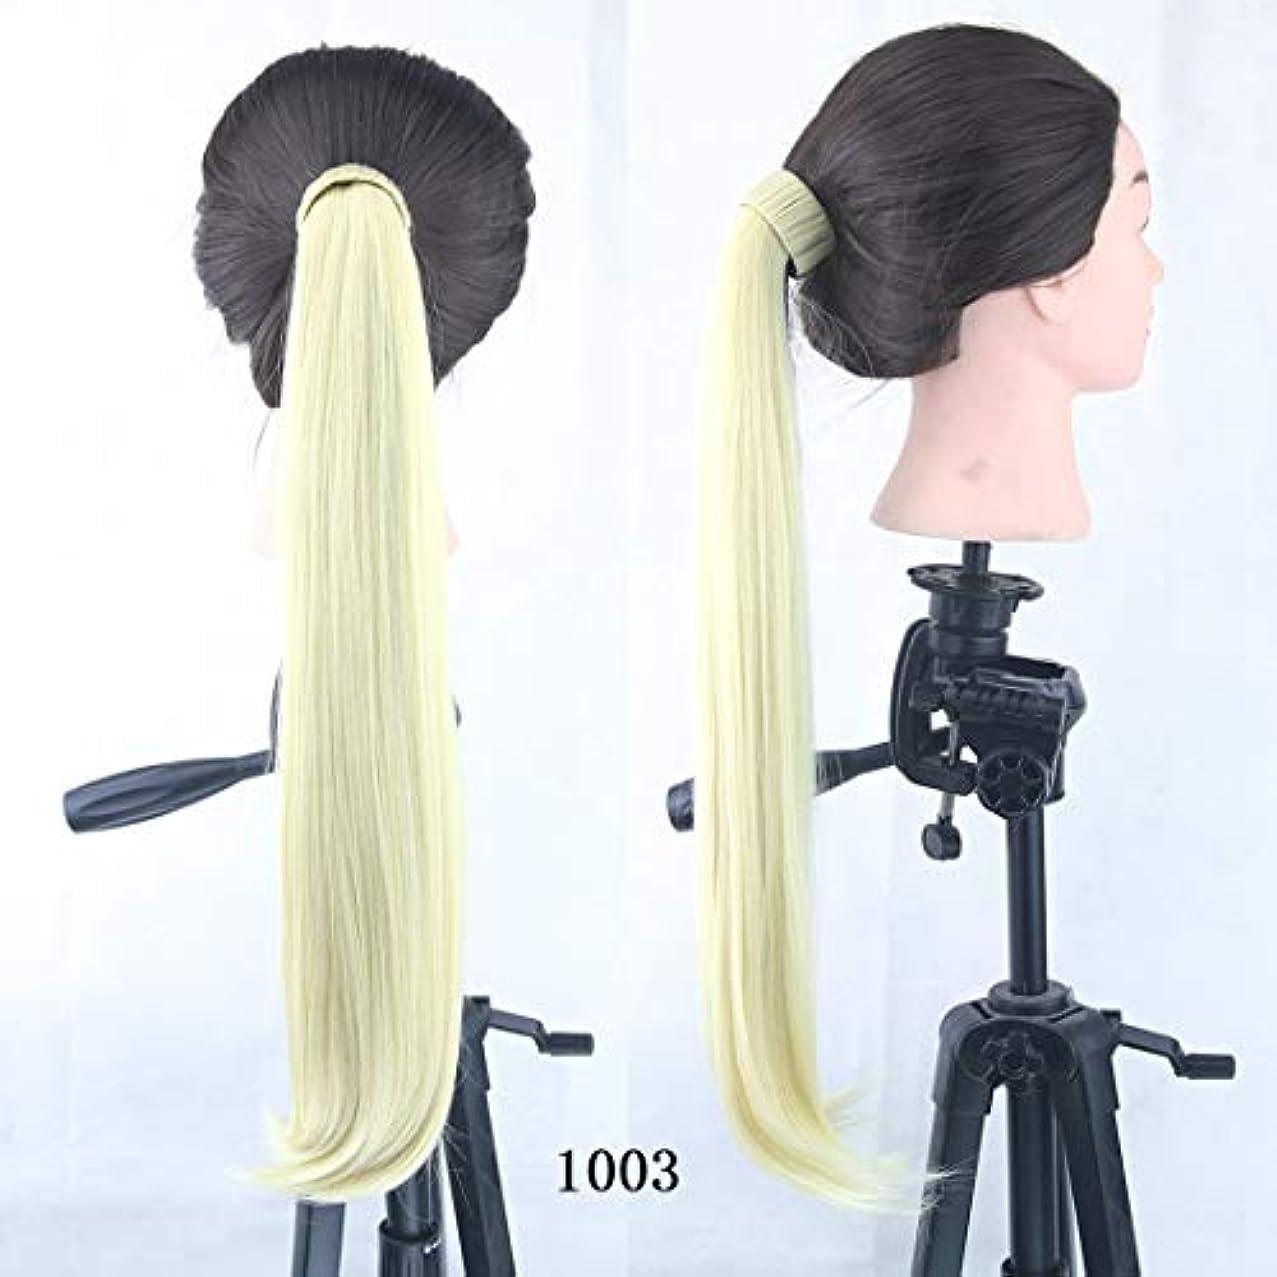 ランプ解明する信頼性のあるJIANFU マイクロボリュームの破片ポニーテール8色オプションのガールズ金属の破片ポニーテールストレートヘア (Color : Color 1003)